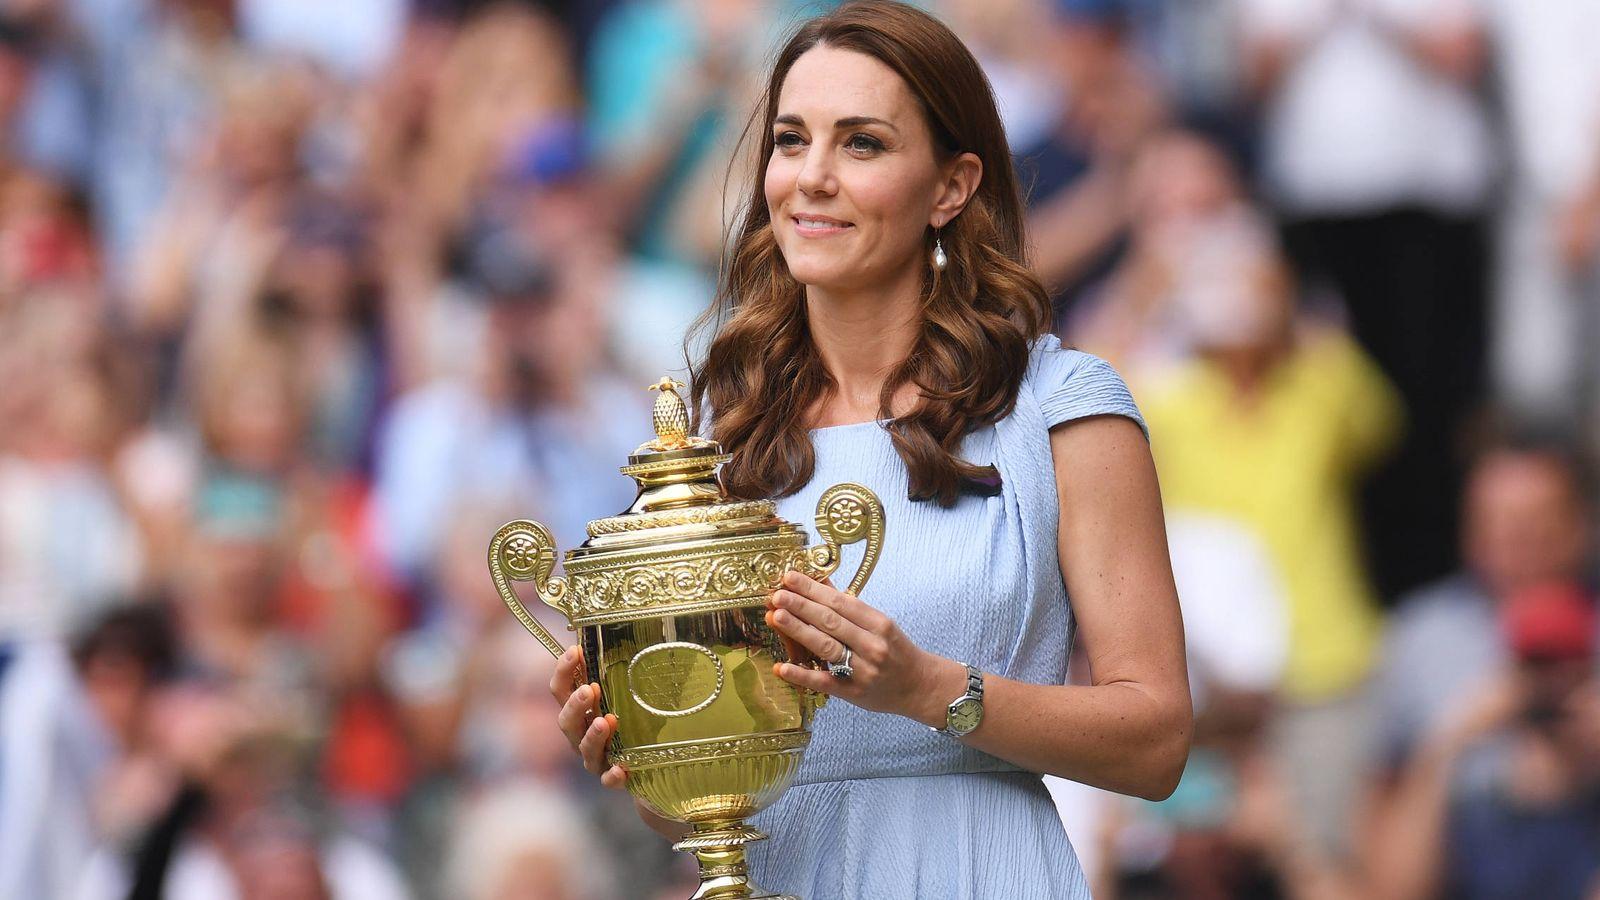 Foto: Kate Middleton minutos antes de entregarle la copa a Novak Djokovic. (Getty)